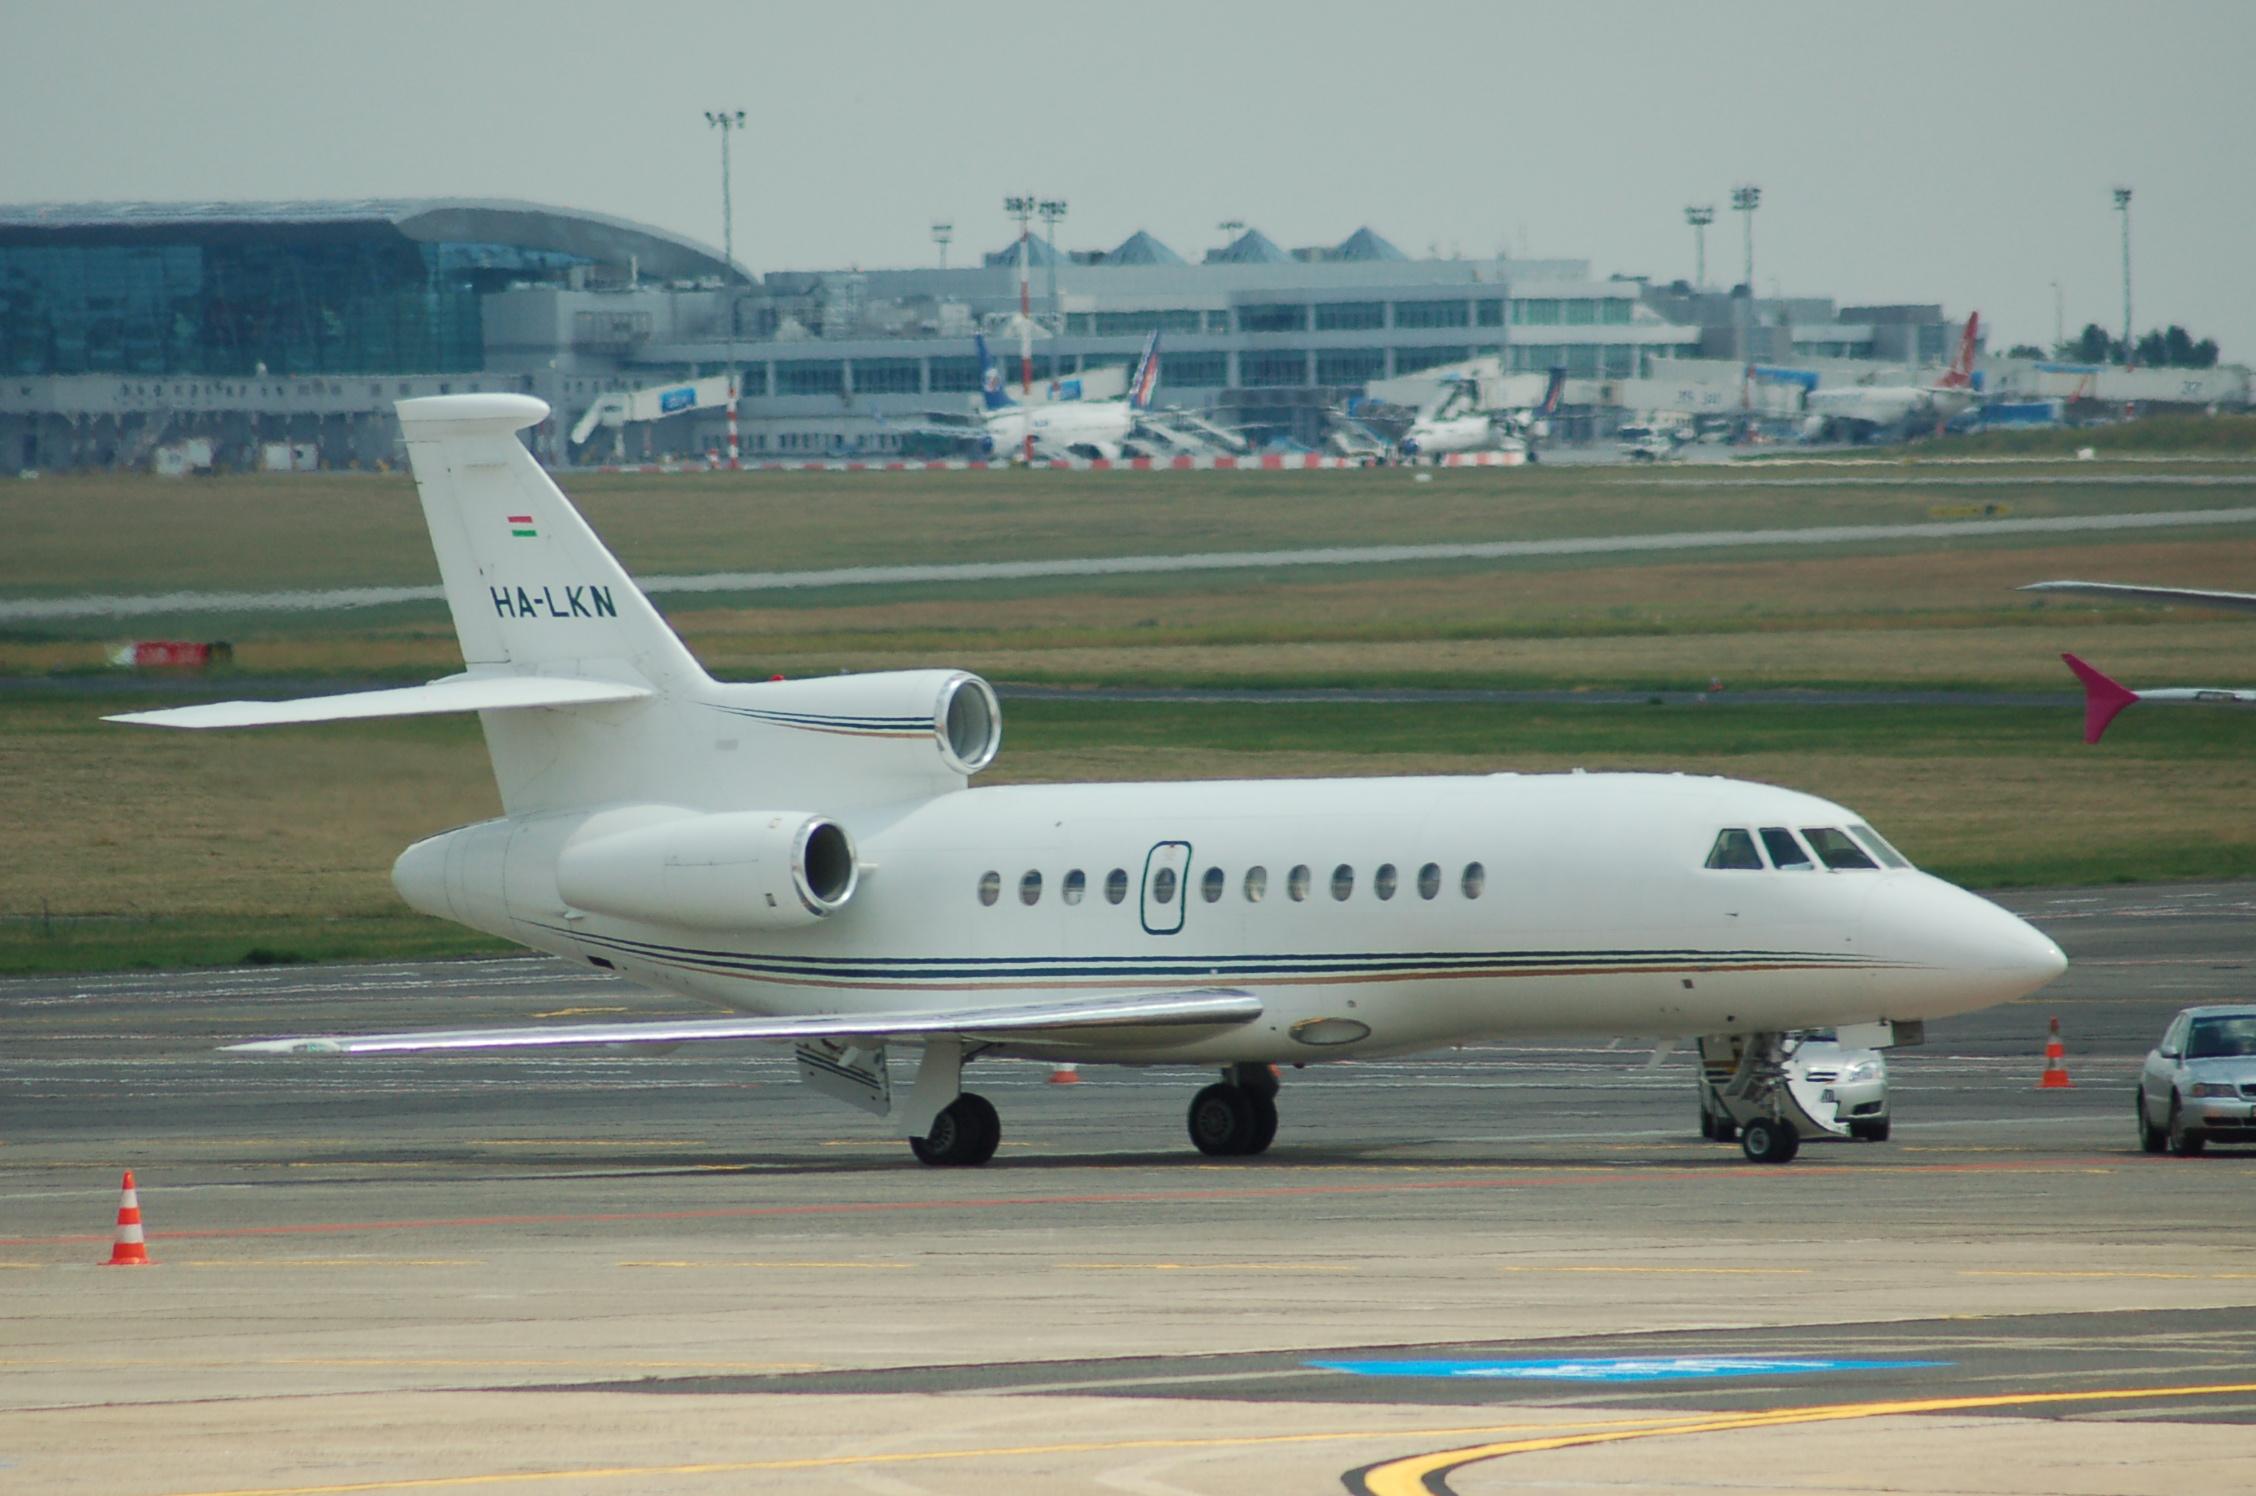 Havasi: Amióta a honvédség új repülőgépeket vett, azokkal repül Orbán